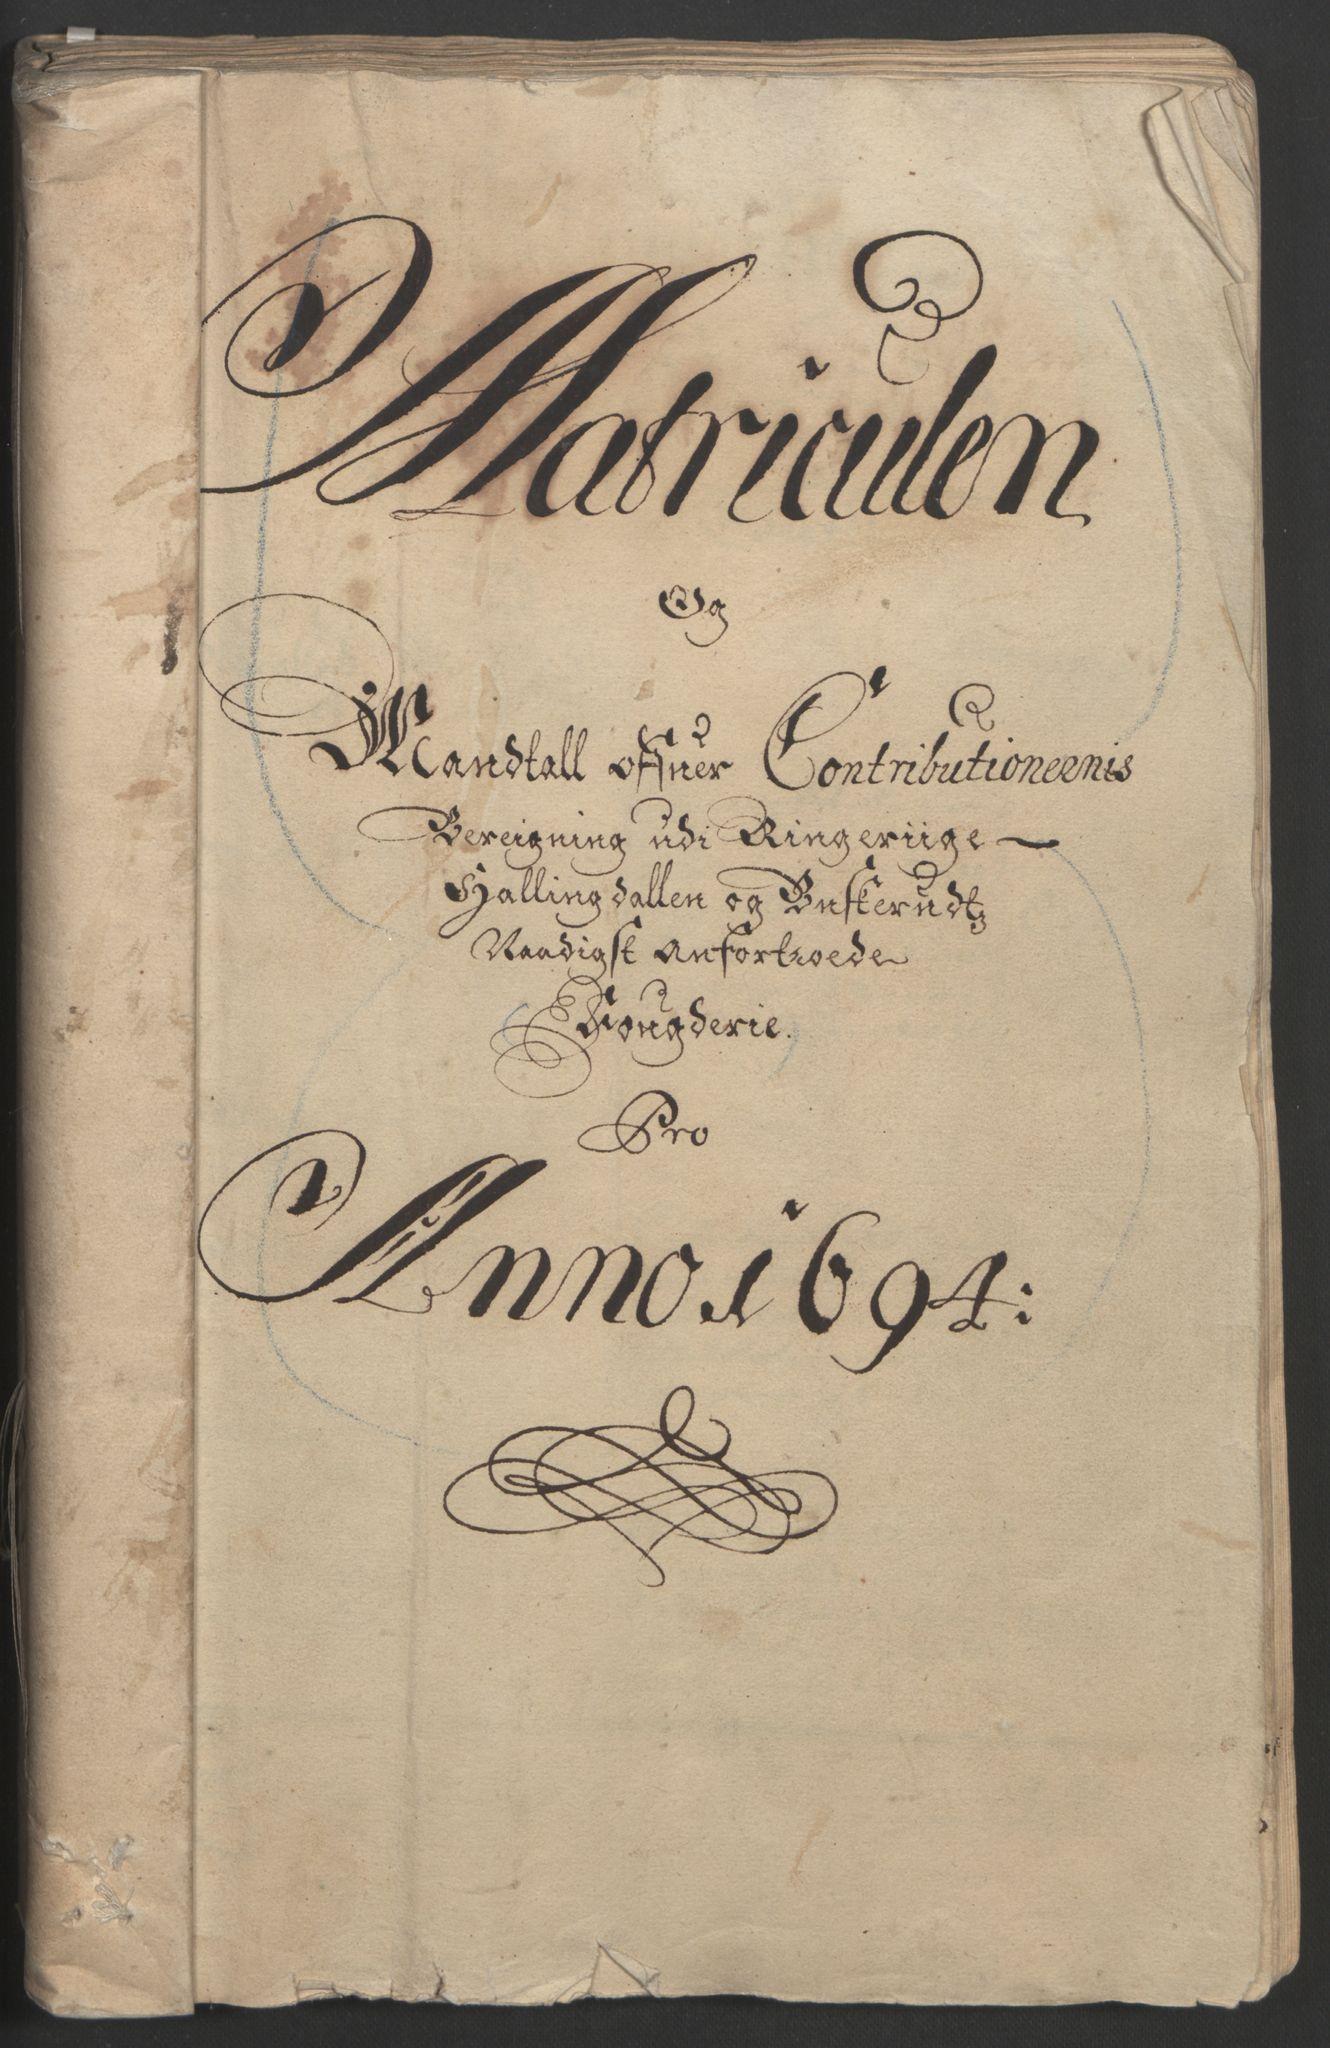 RA, Rentekammeret inntil 1814, Reviderte regnskaper, Fogderegnskap, R22/L1451: Fogderegnskap Ringerike, Hallingdal og Buskerud, 1694, s. 20